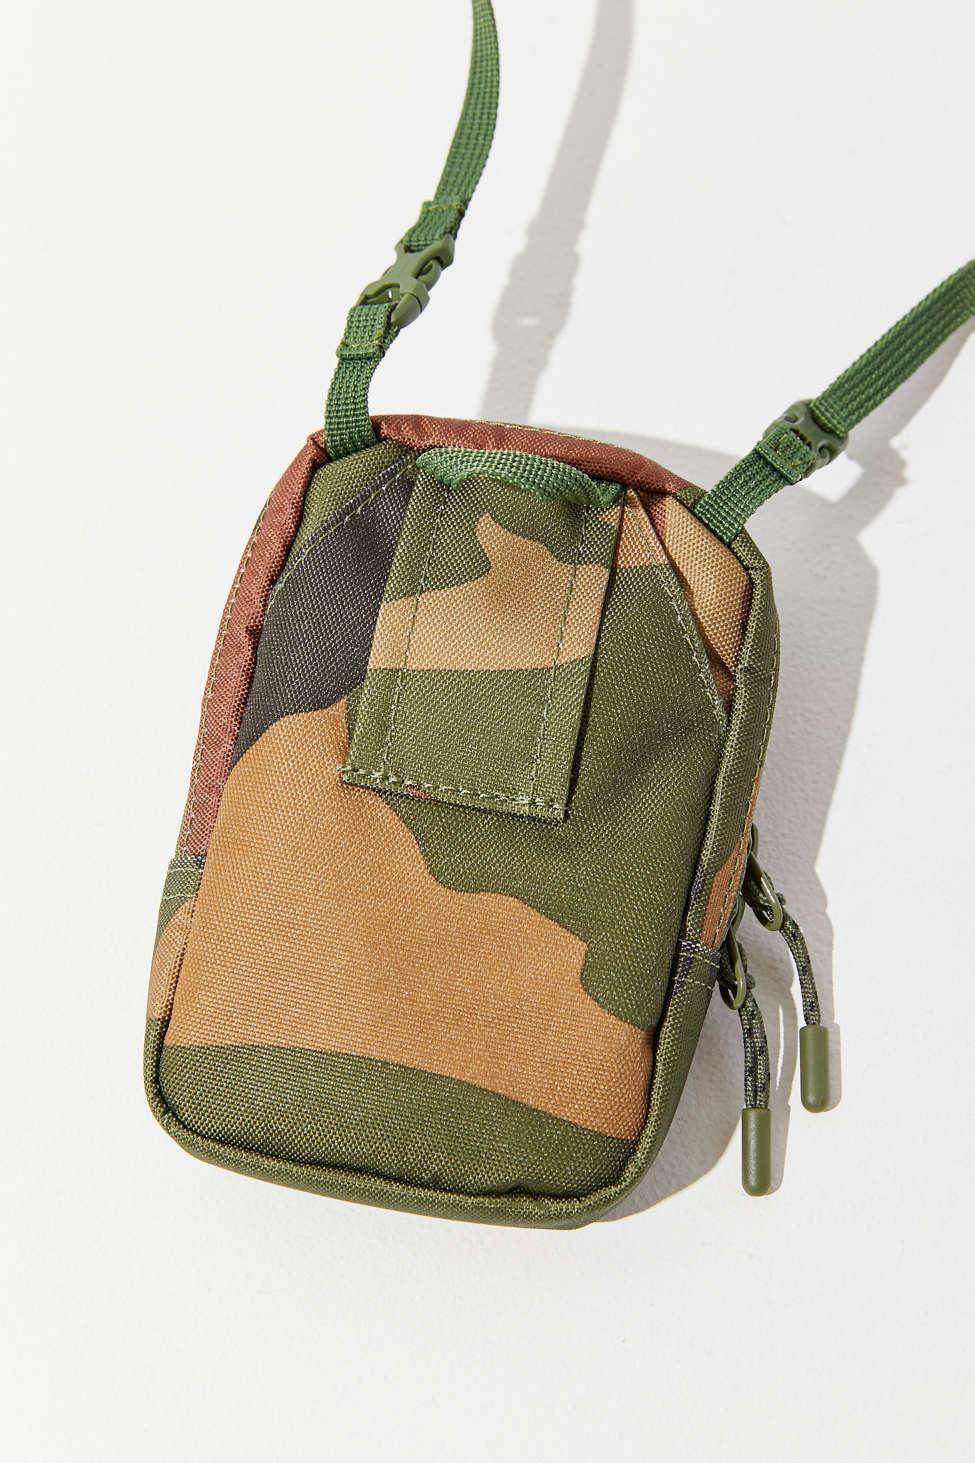 073519ce1e3 Herschel Supply Co. - Green Sinclair Small Crossbody Bag - Lyst. View  fullscreen